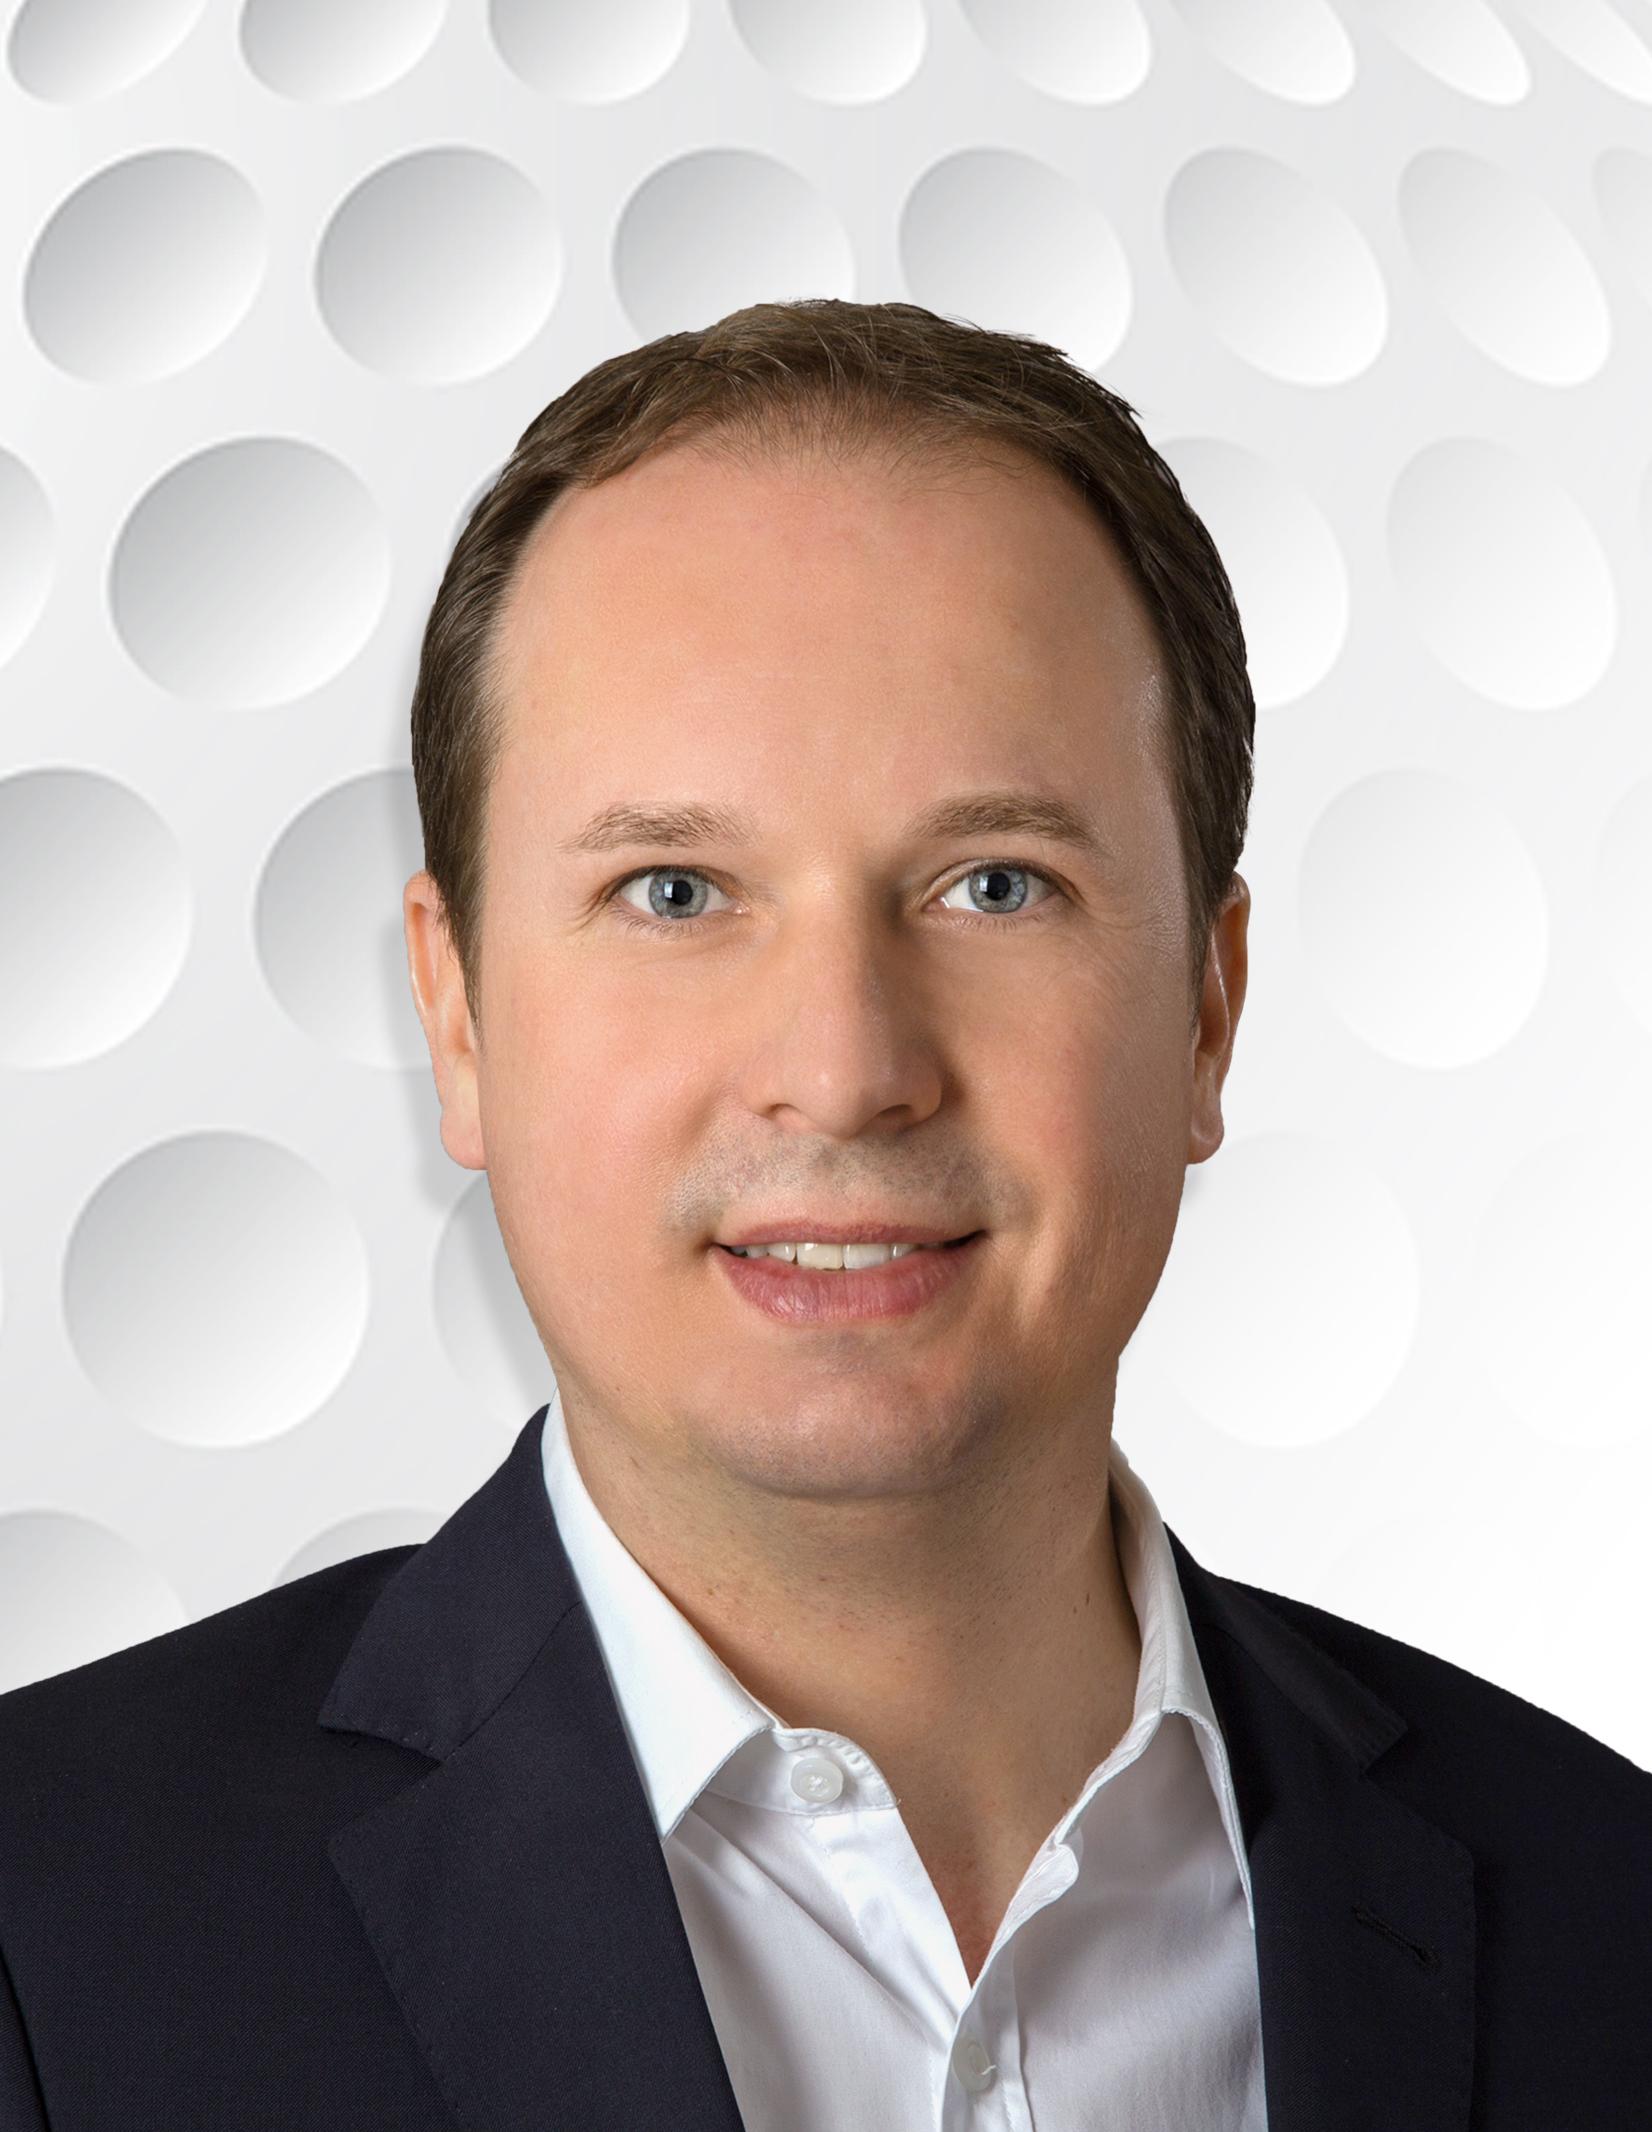 Roland Dudasch